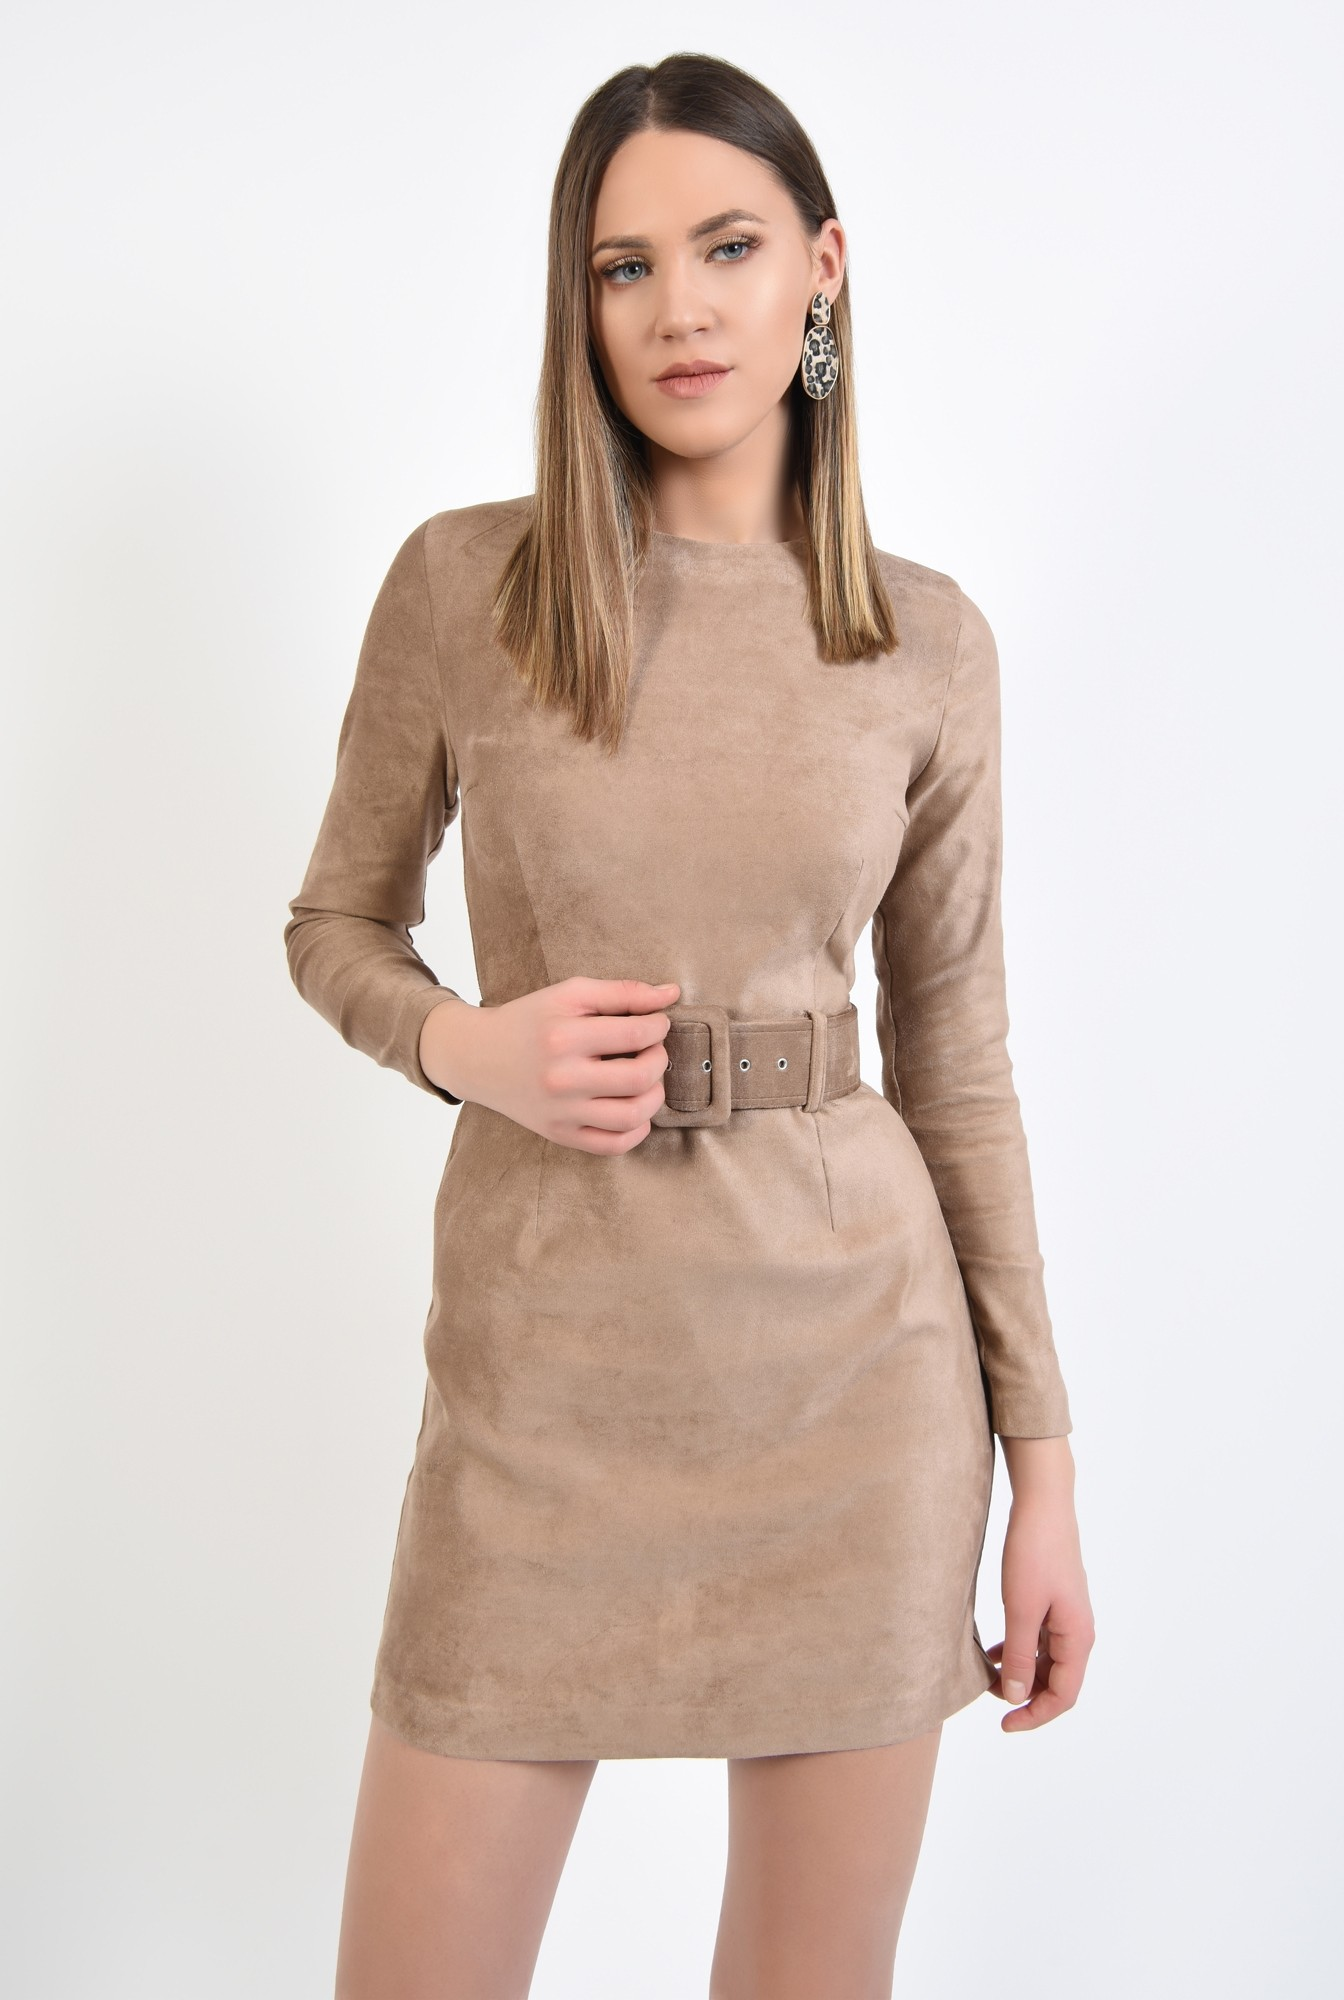 2 - rochie scurta, bej, din piele intoarsa, cu maneci mulate, cu centura